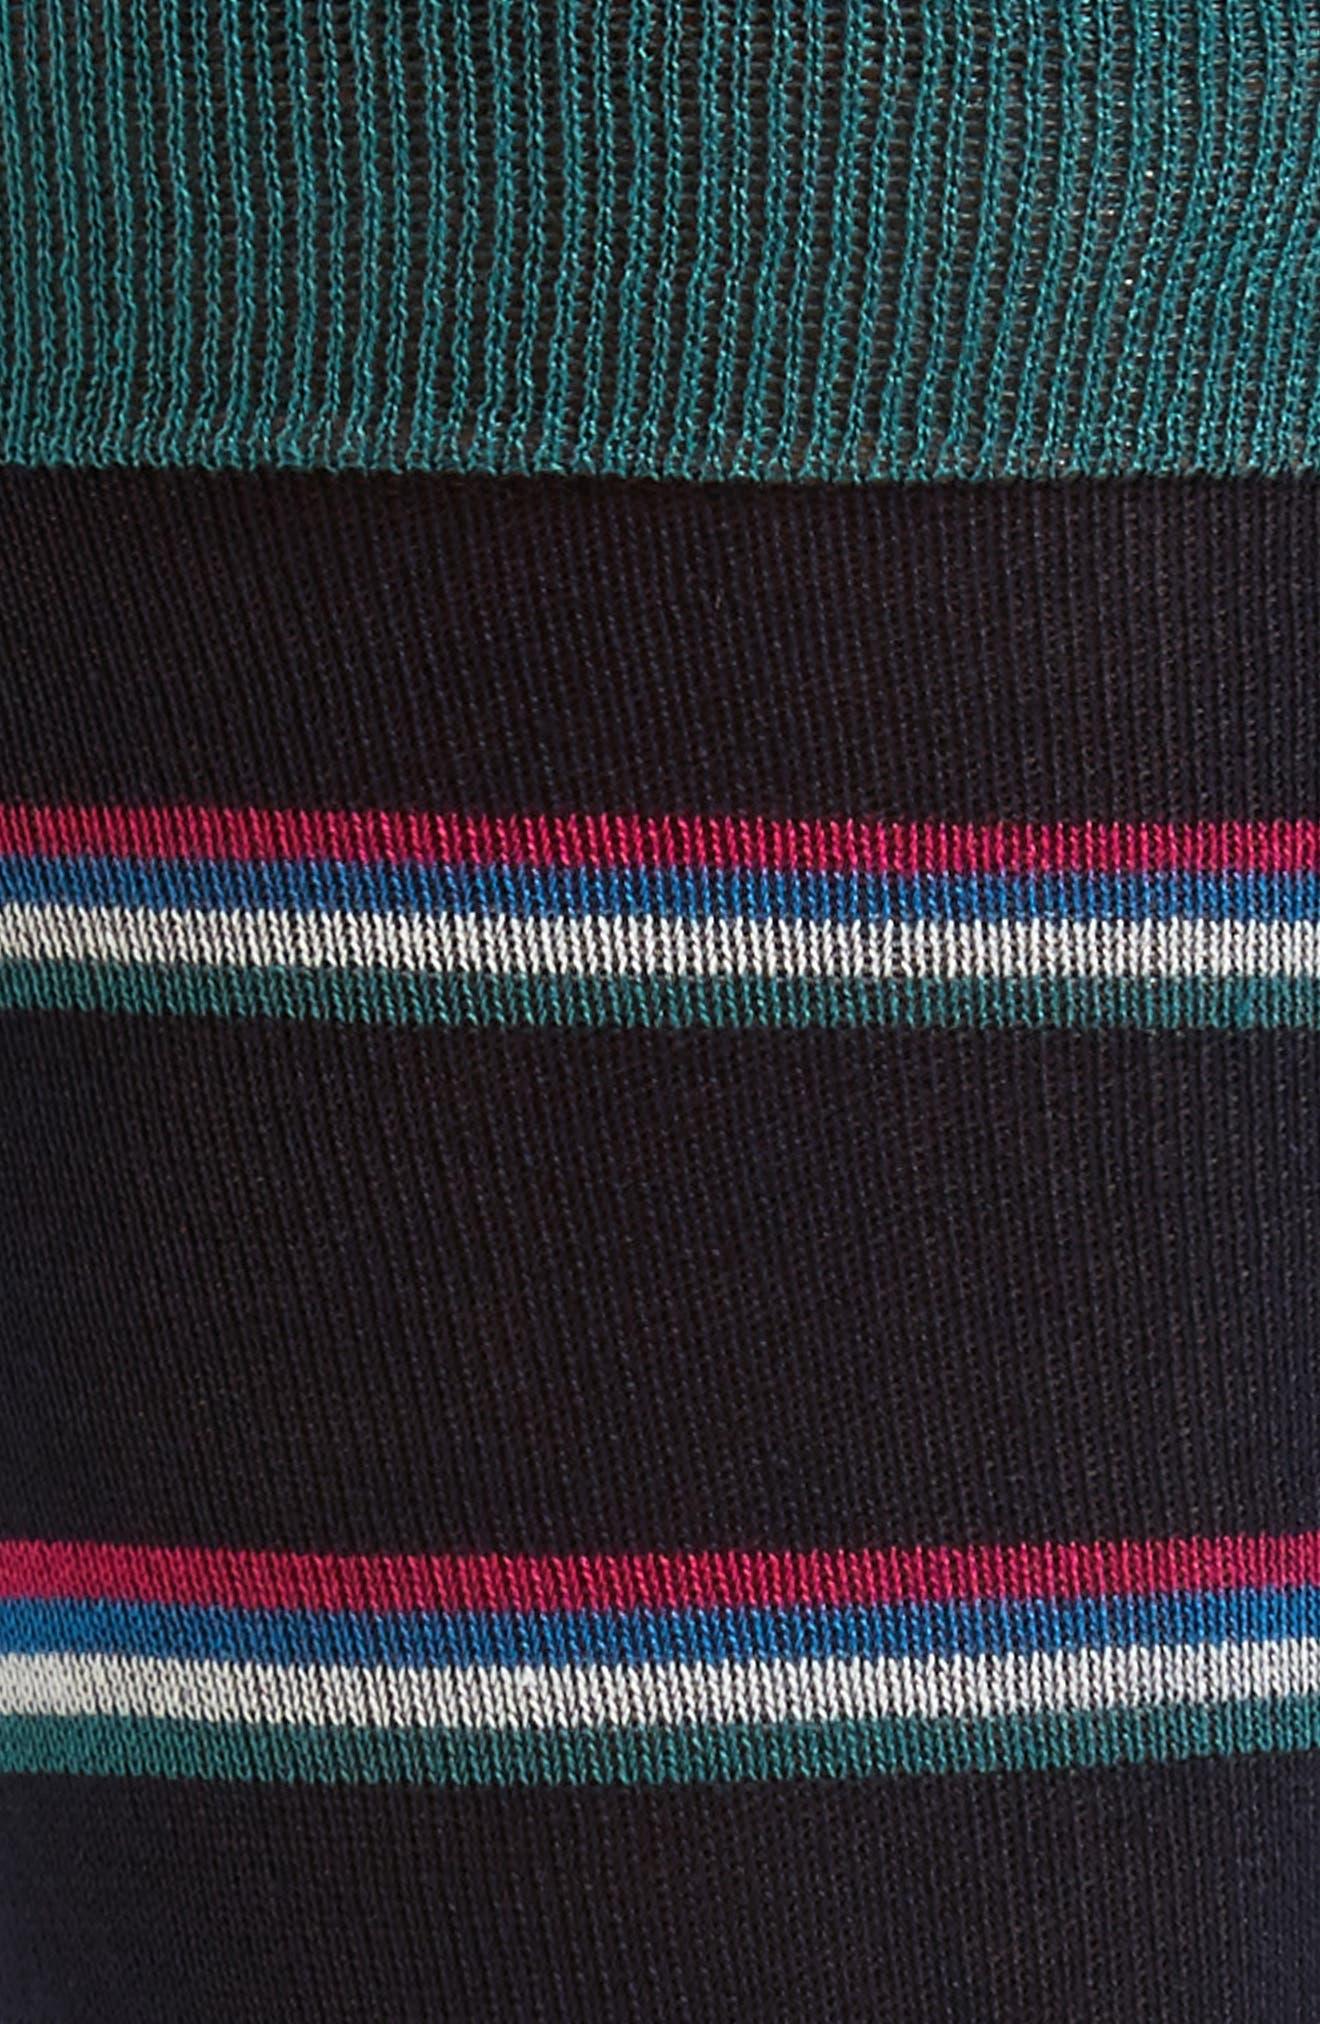 Jehans Stripe Socks,                             Alternate thumbnail 2, color,                             Navy